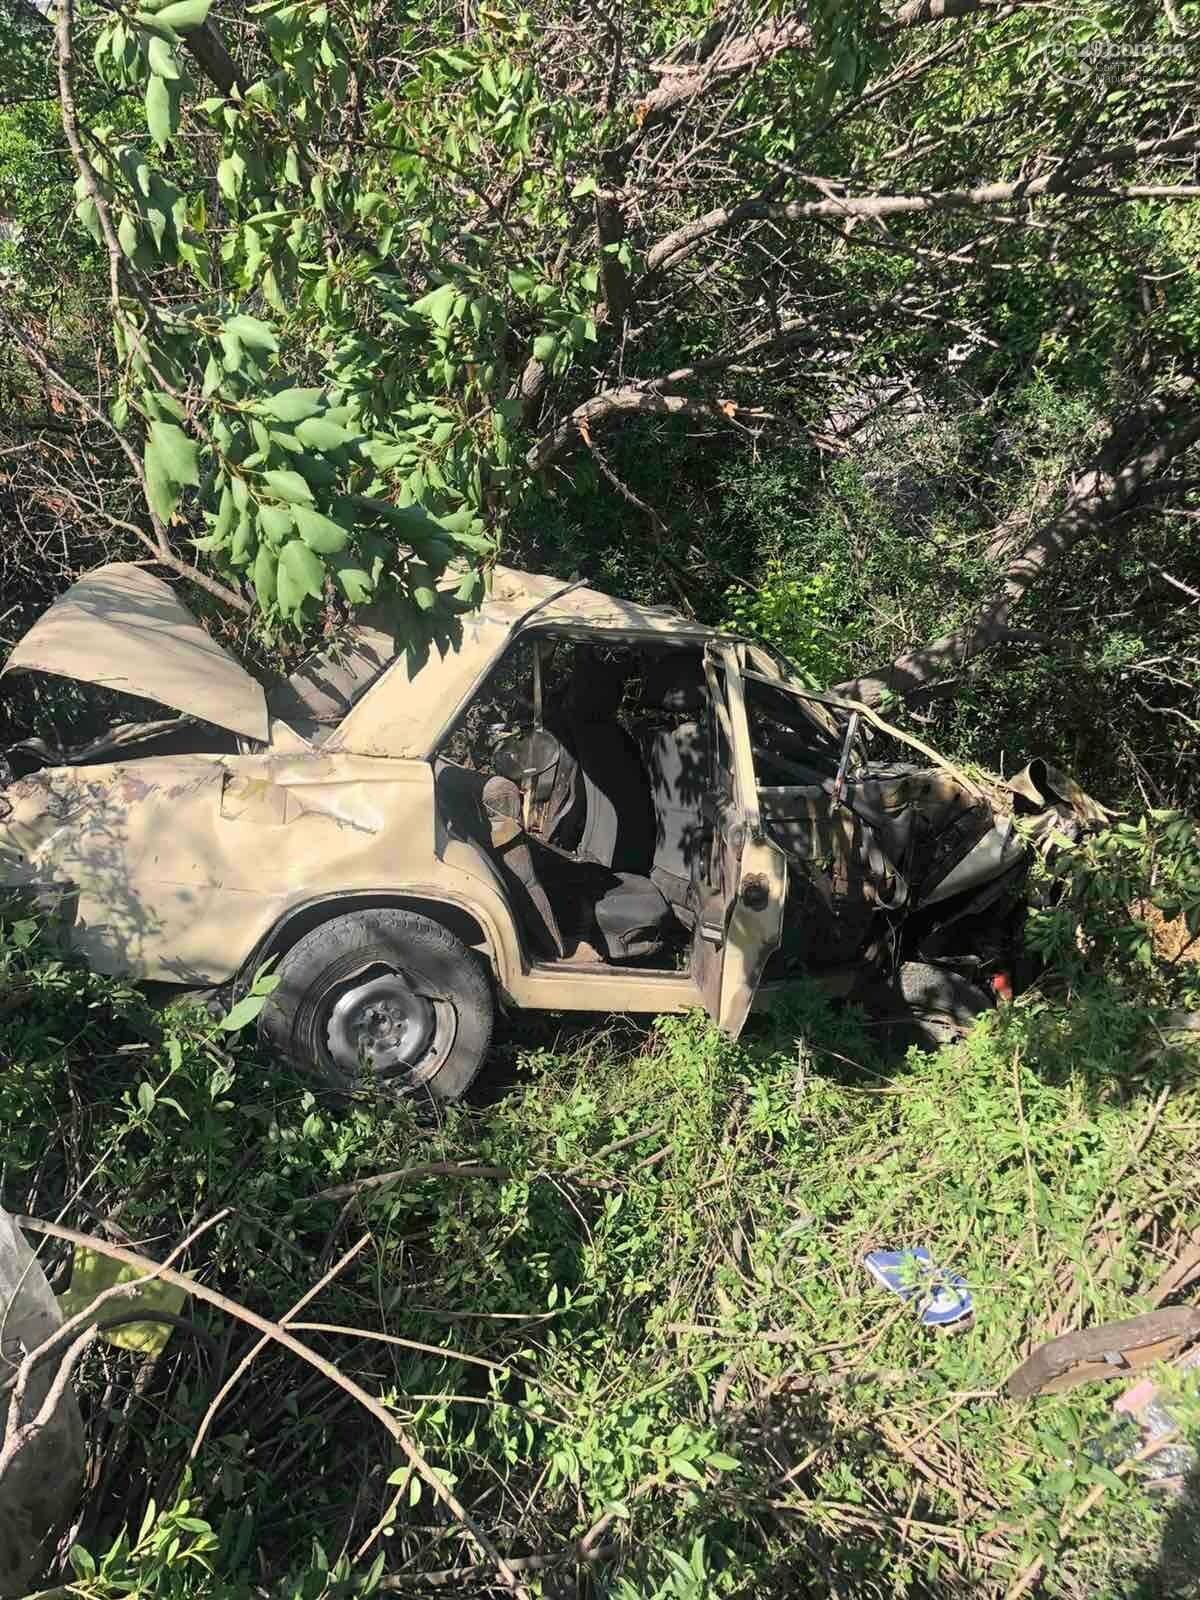 Серьезная авария в Кальмиусском районе. ВАЗ с пассажирами вылетел в кювет, четверо пострадавших, - ФОТО, фото-1